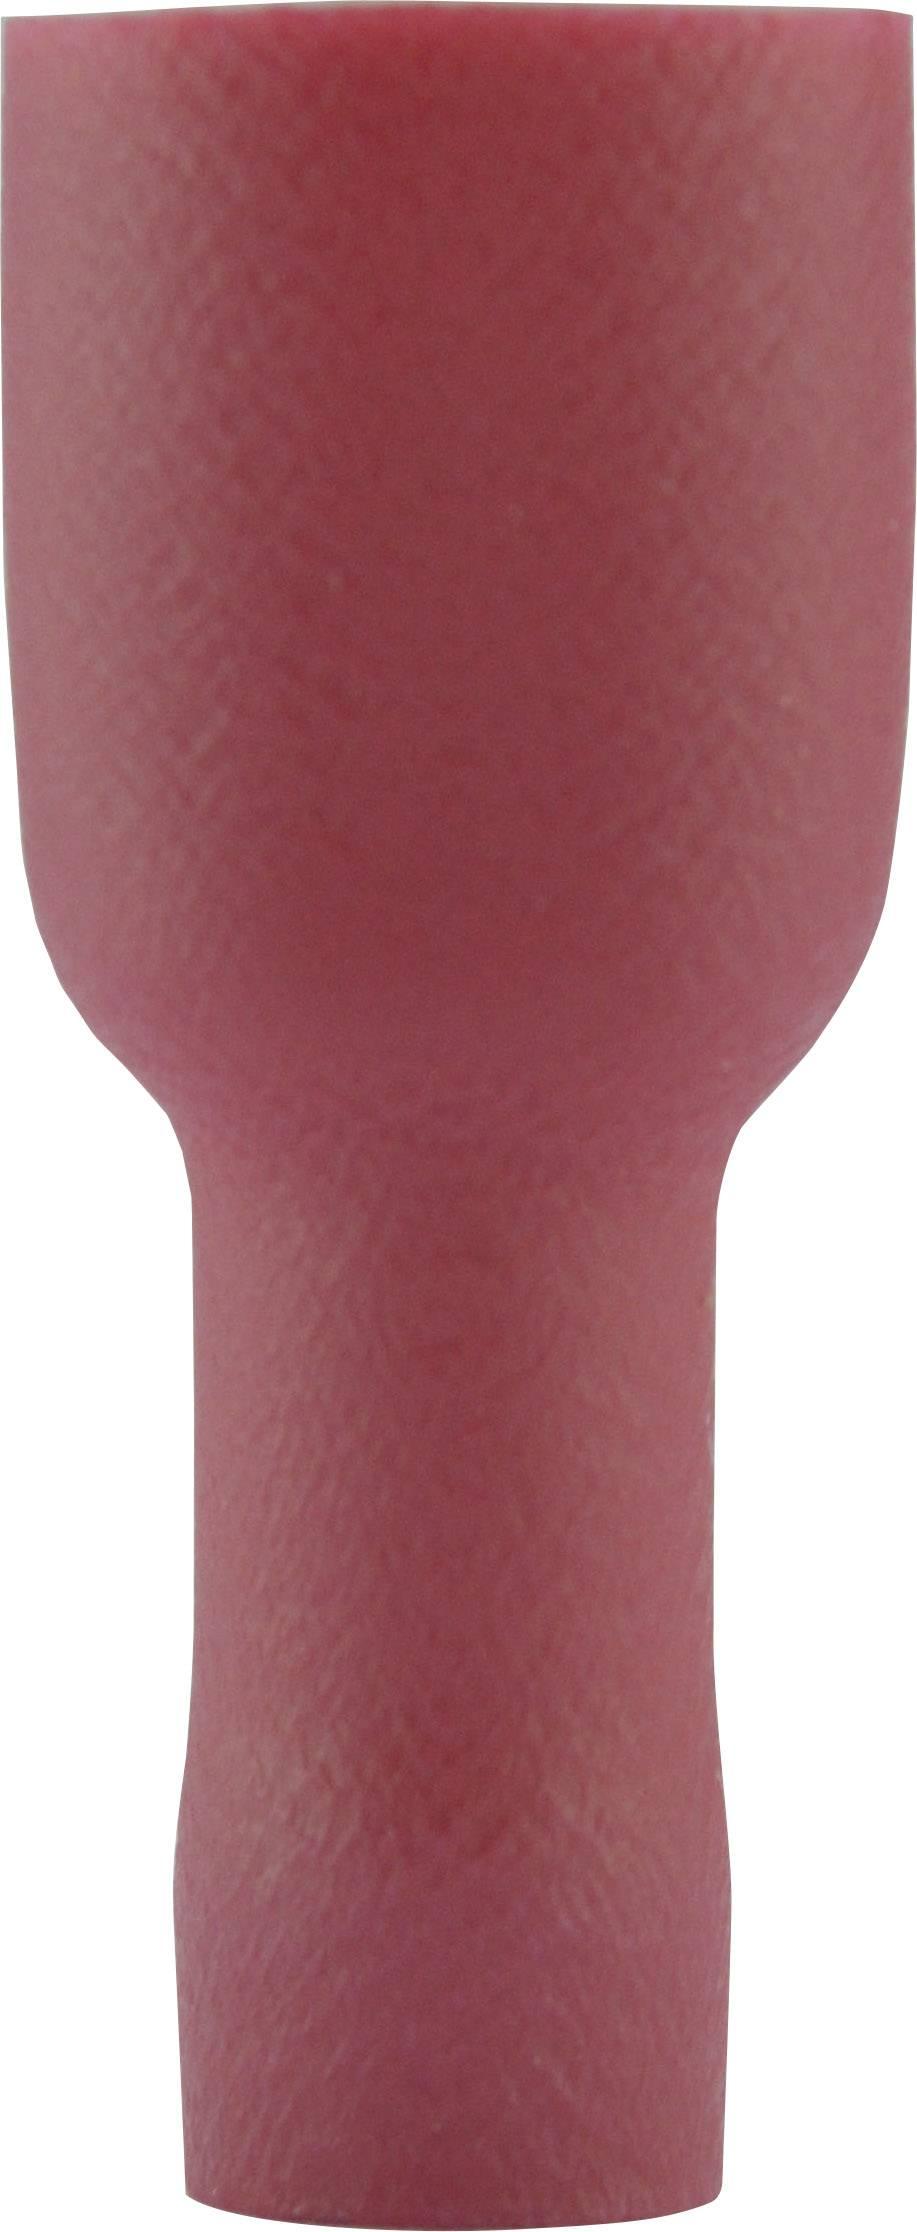 Faston zásuvka Vogt Verbindungstechnik 3944 6.3 mm x 0.8 mm, 180 °, úplná izolace, červená, 1 ks